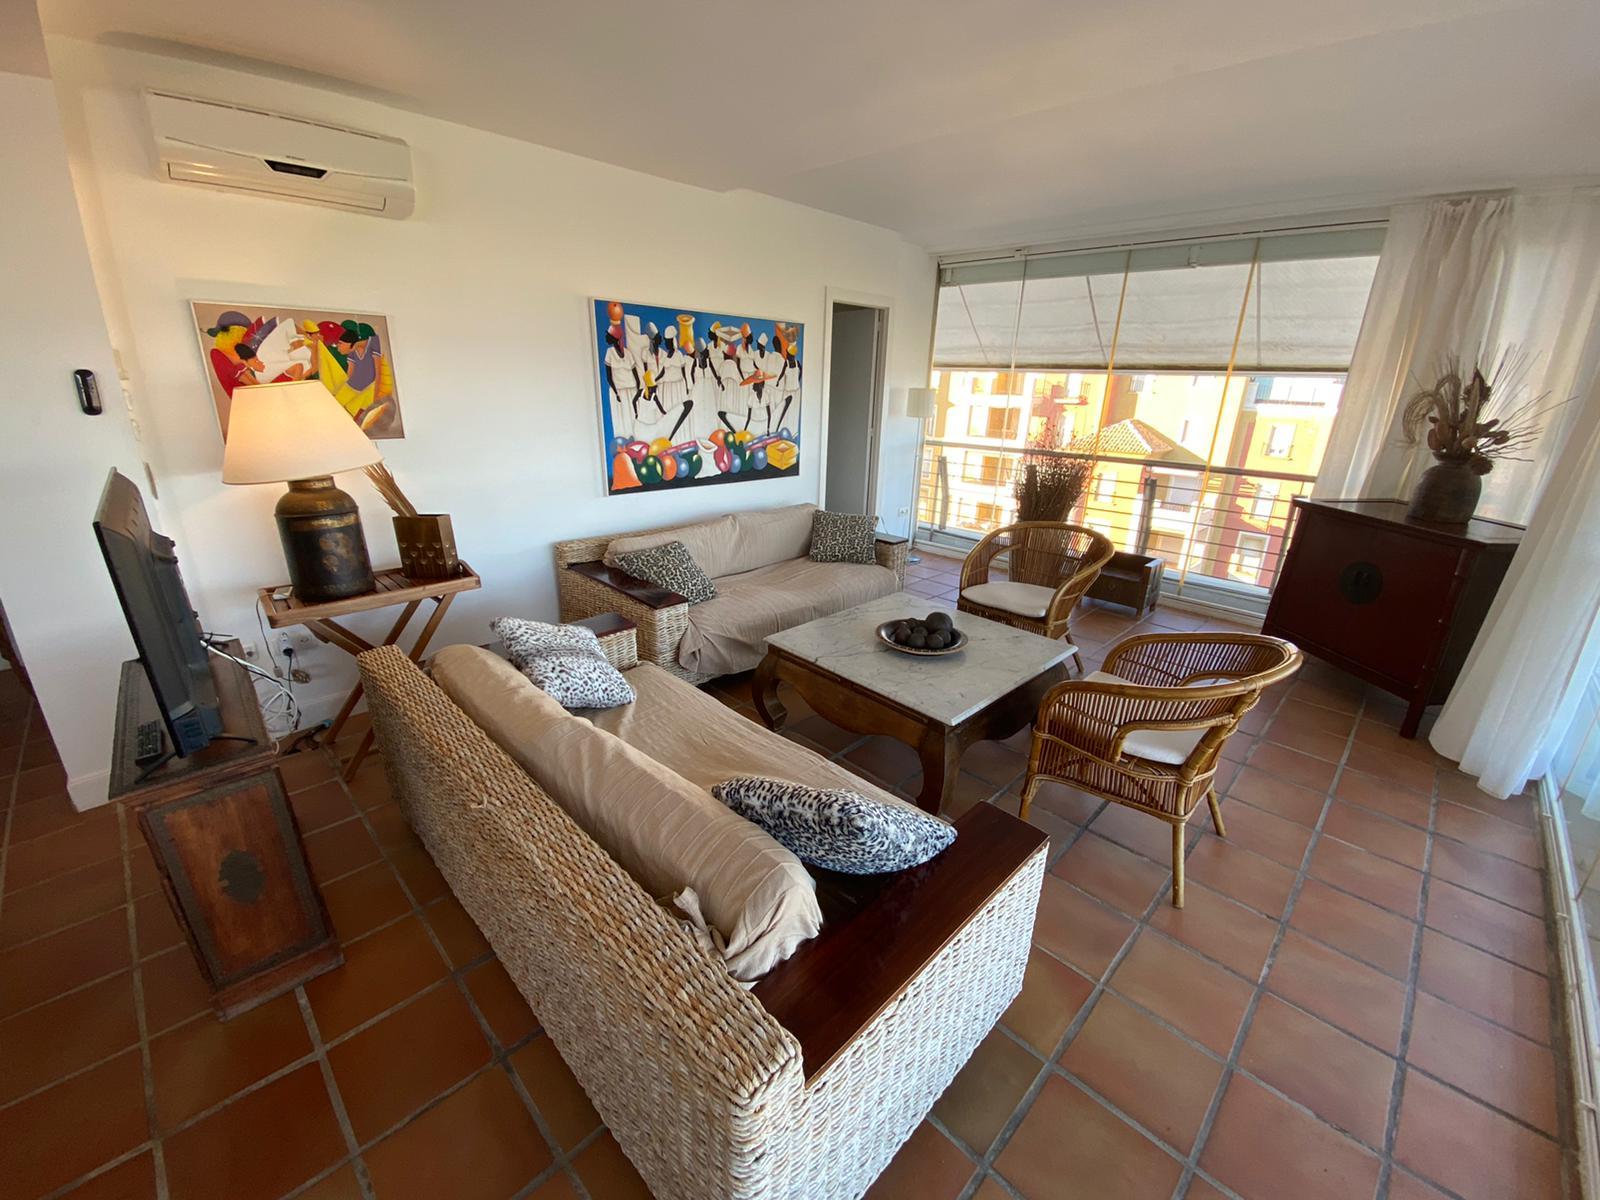 Imagen 45 del Apartamento Turístico, Ático 4 Levante, Frontal (4d+2b), Punta del Moral (HUELVA), Paseo de la Cruz nº22